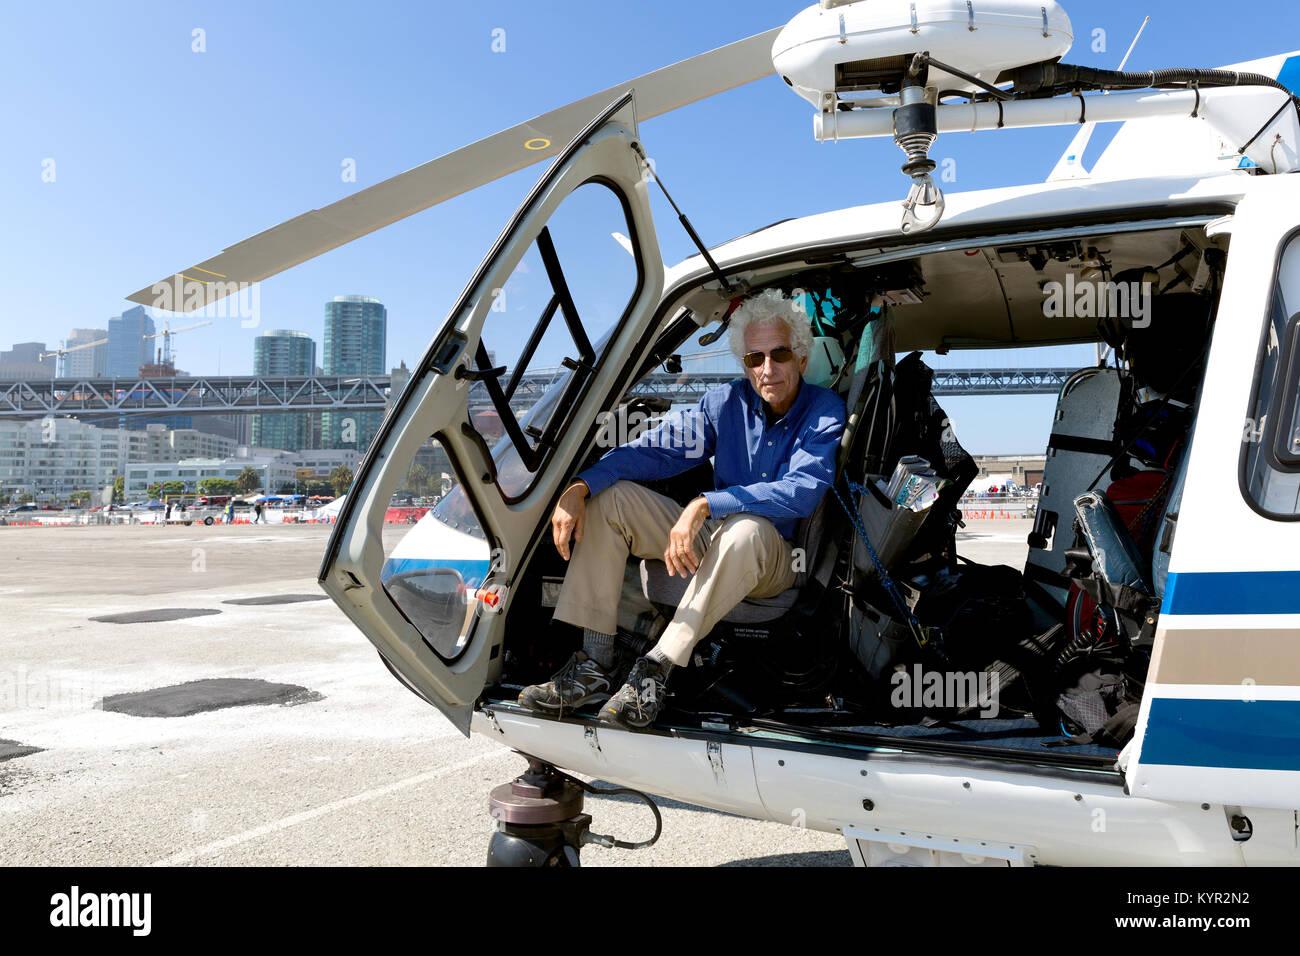 Lterer mann im pilotensitz eines hubschraubers auf dem for Tur mit scheckkarte offnen